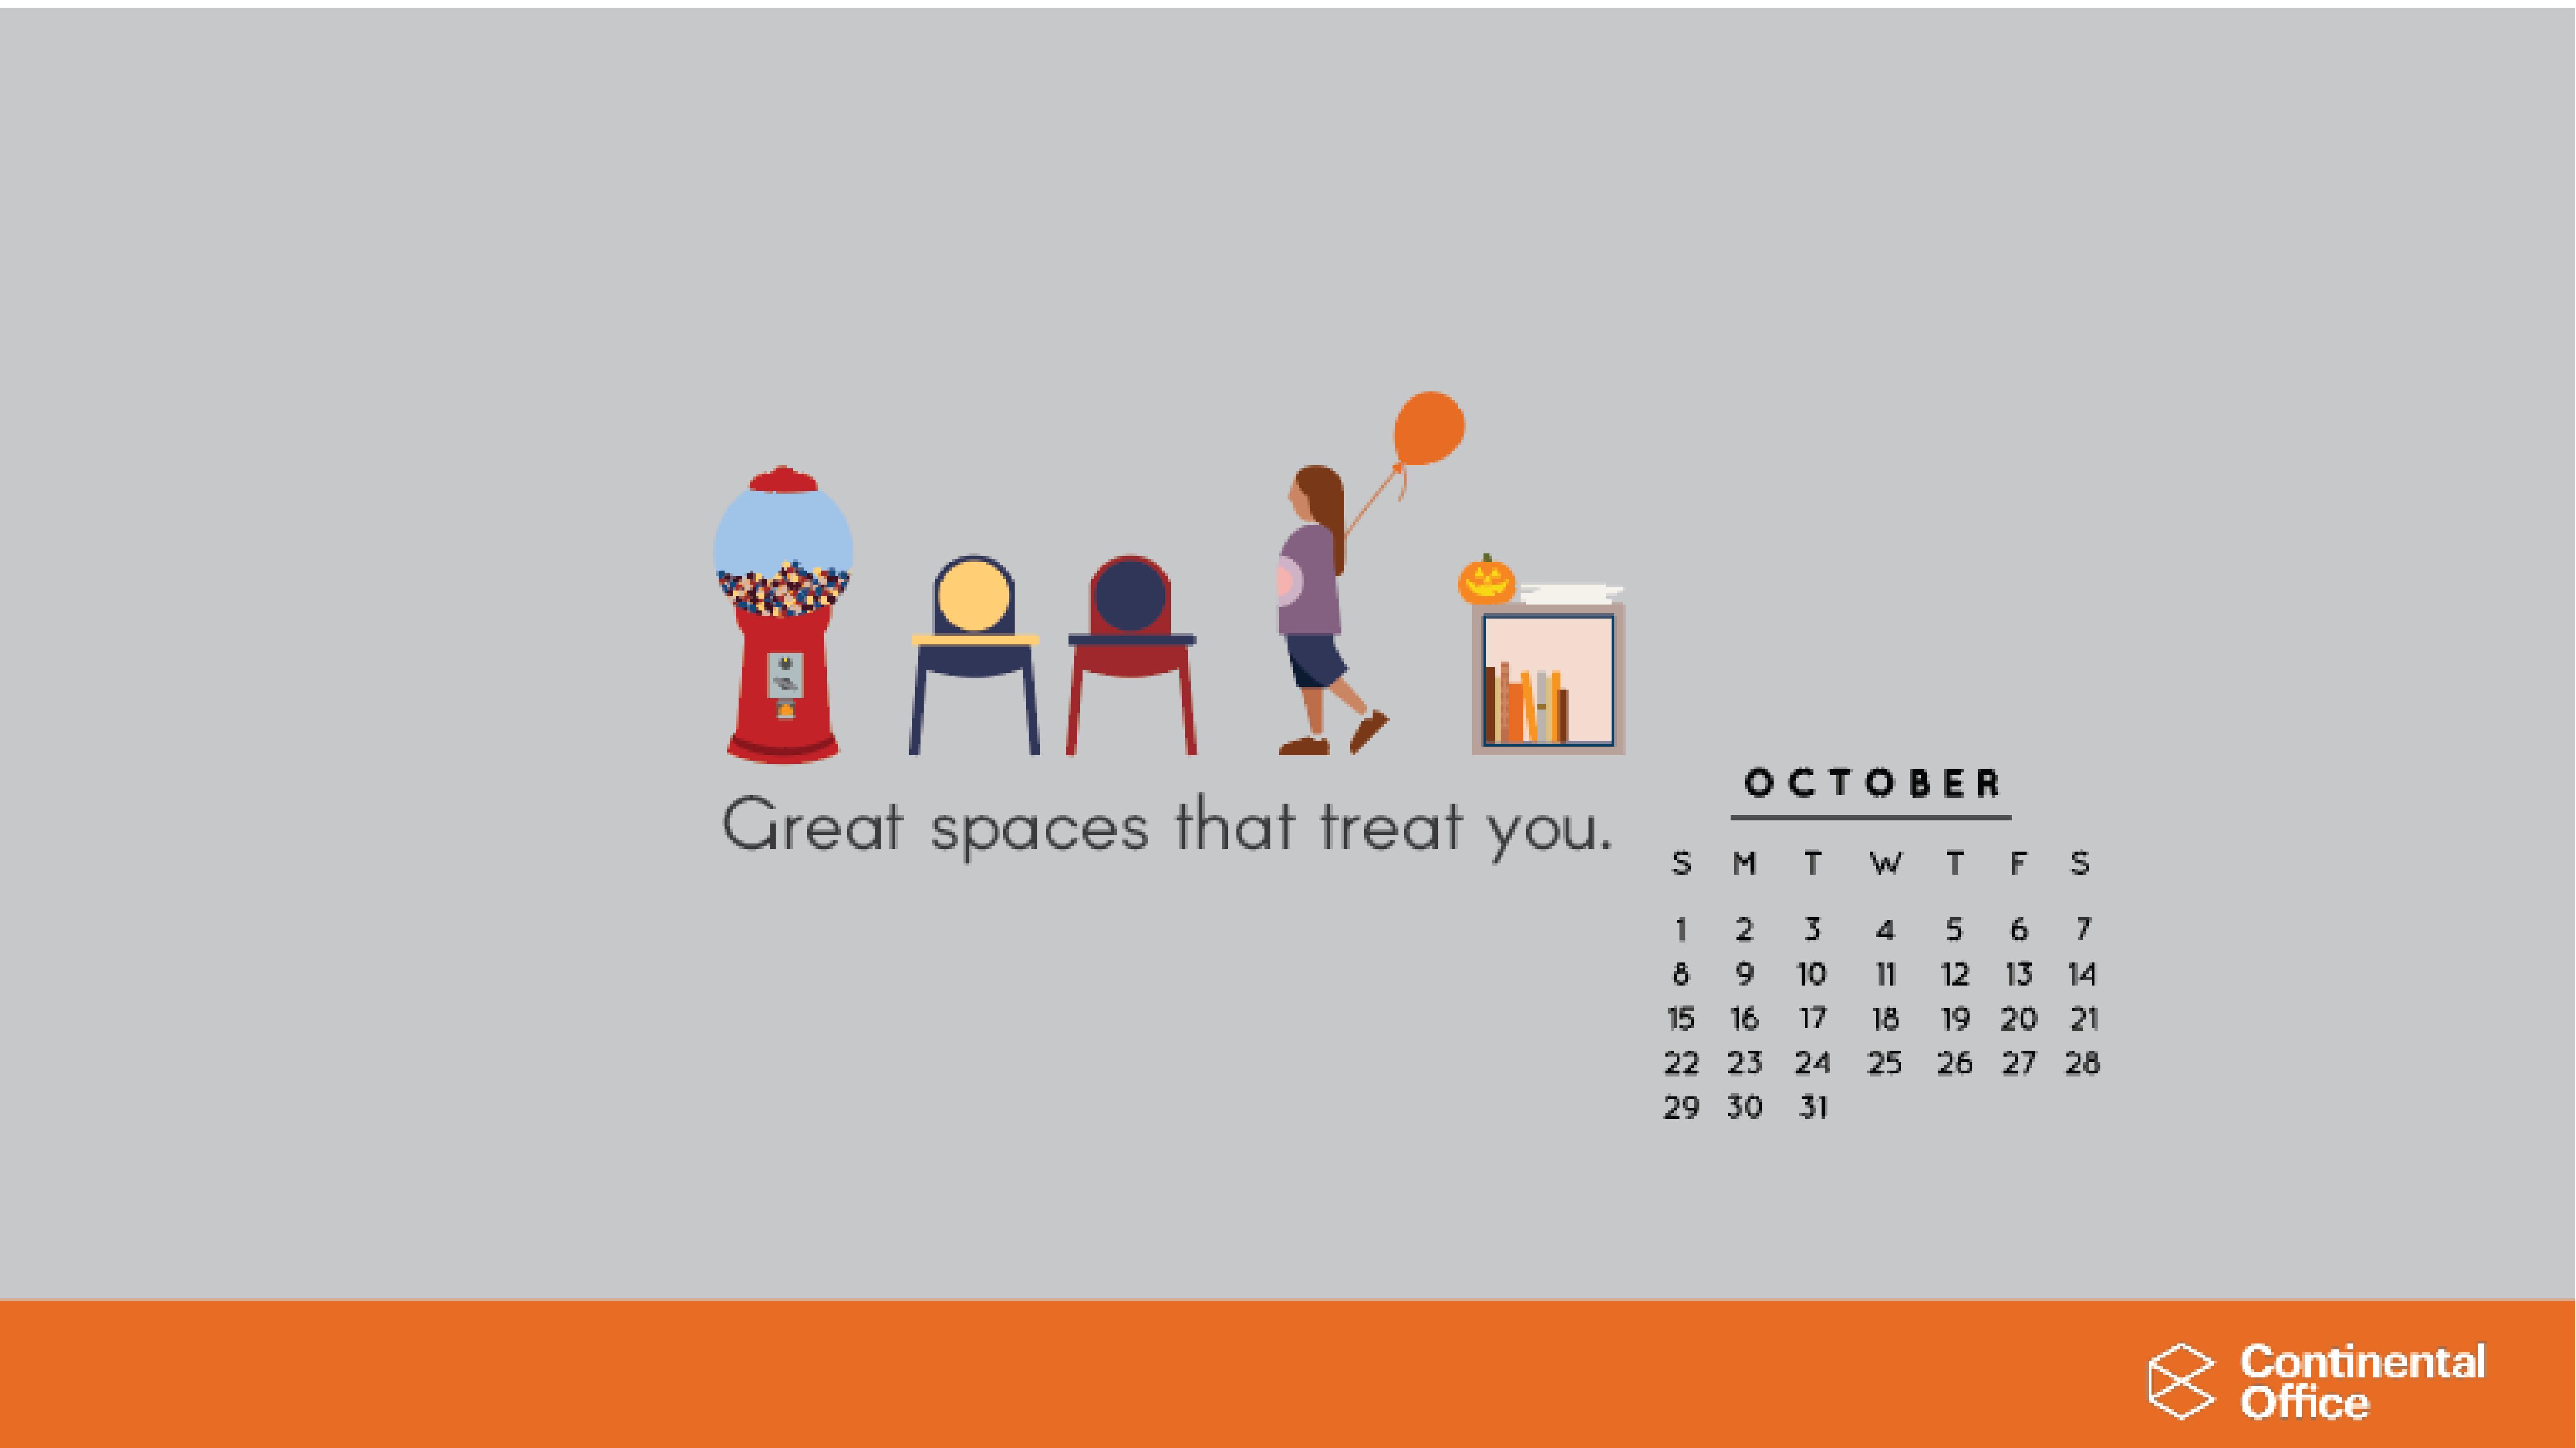 October Wallpaper 2017-1366x768.png